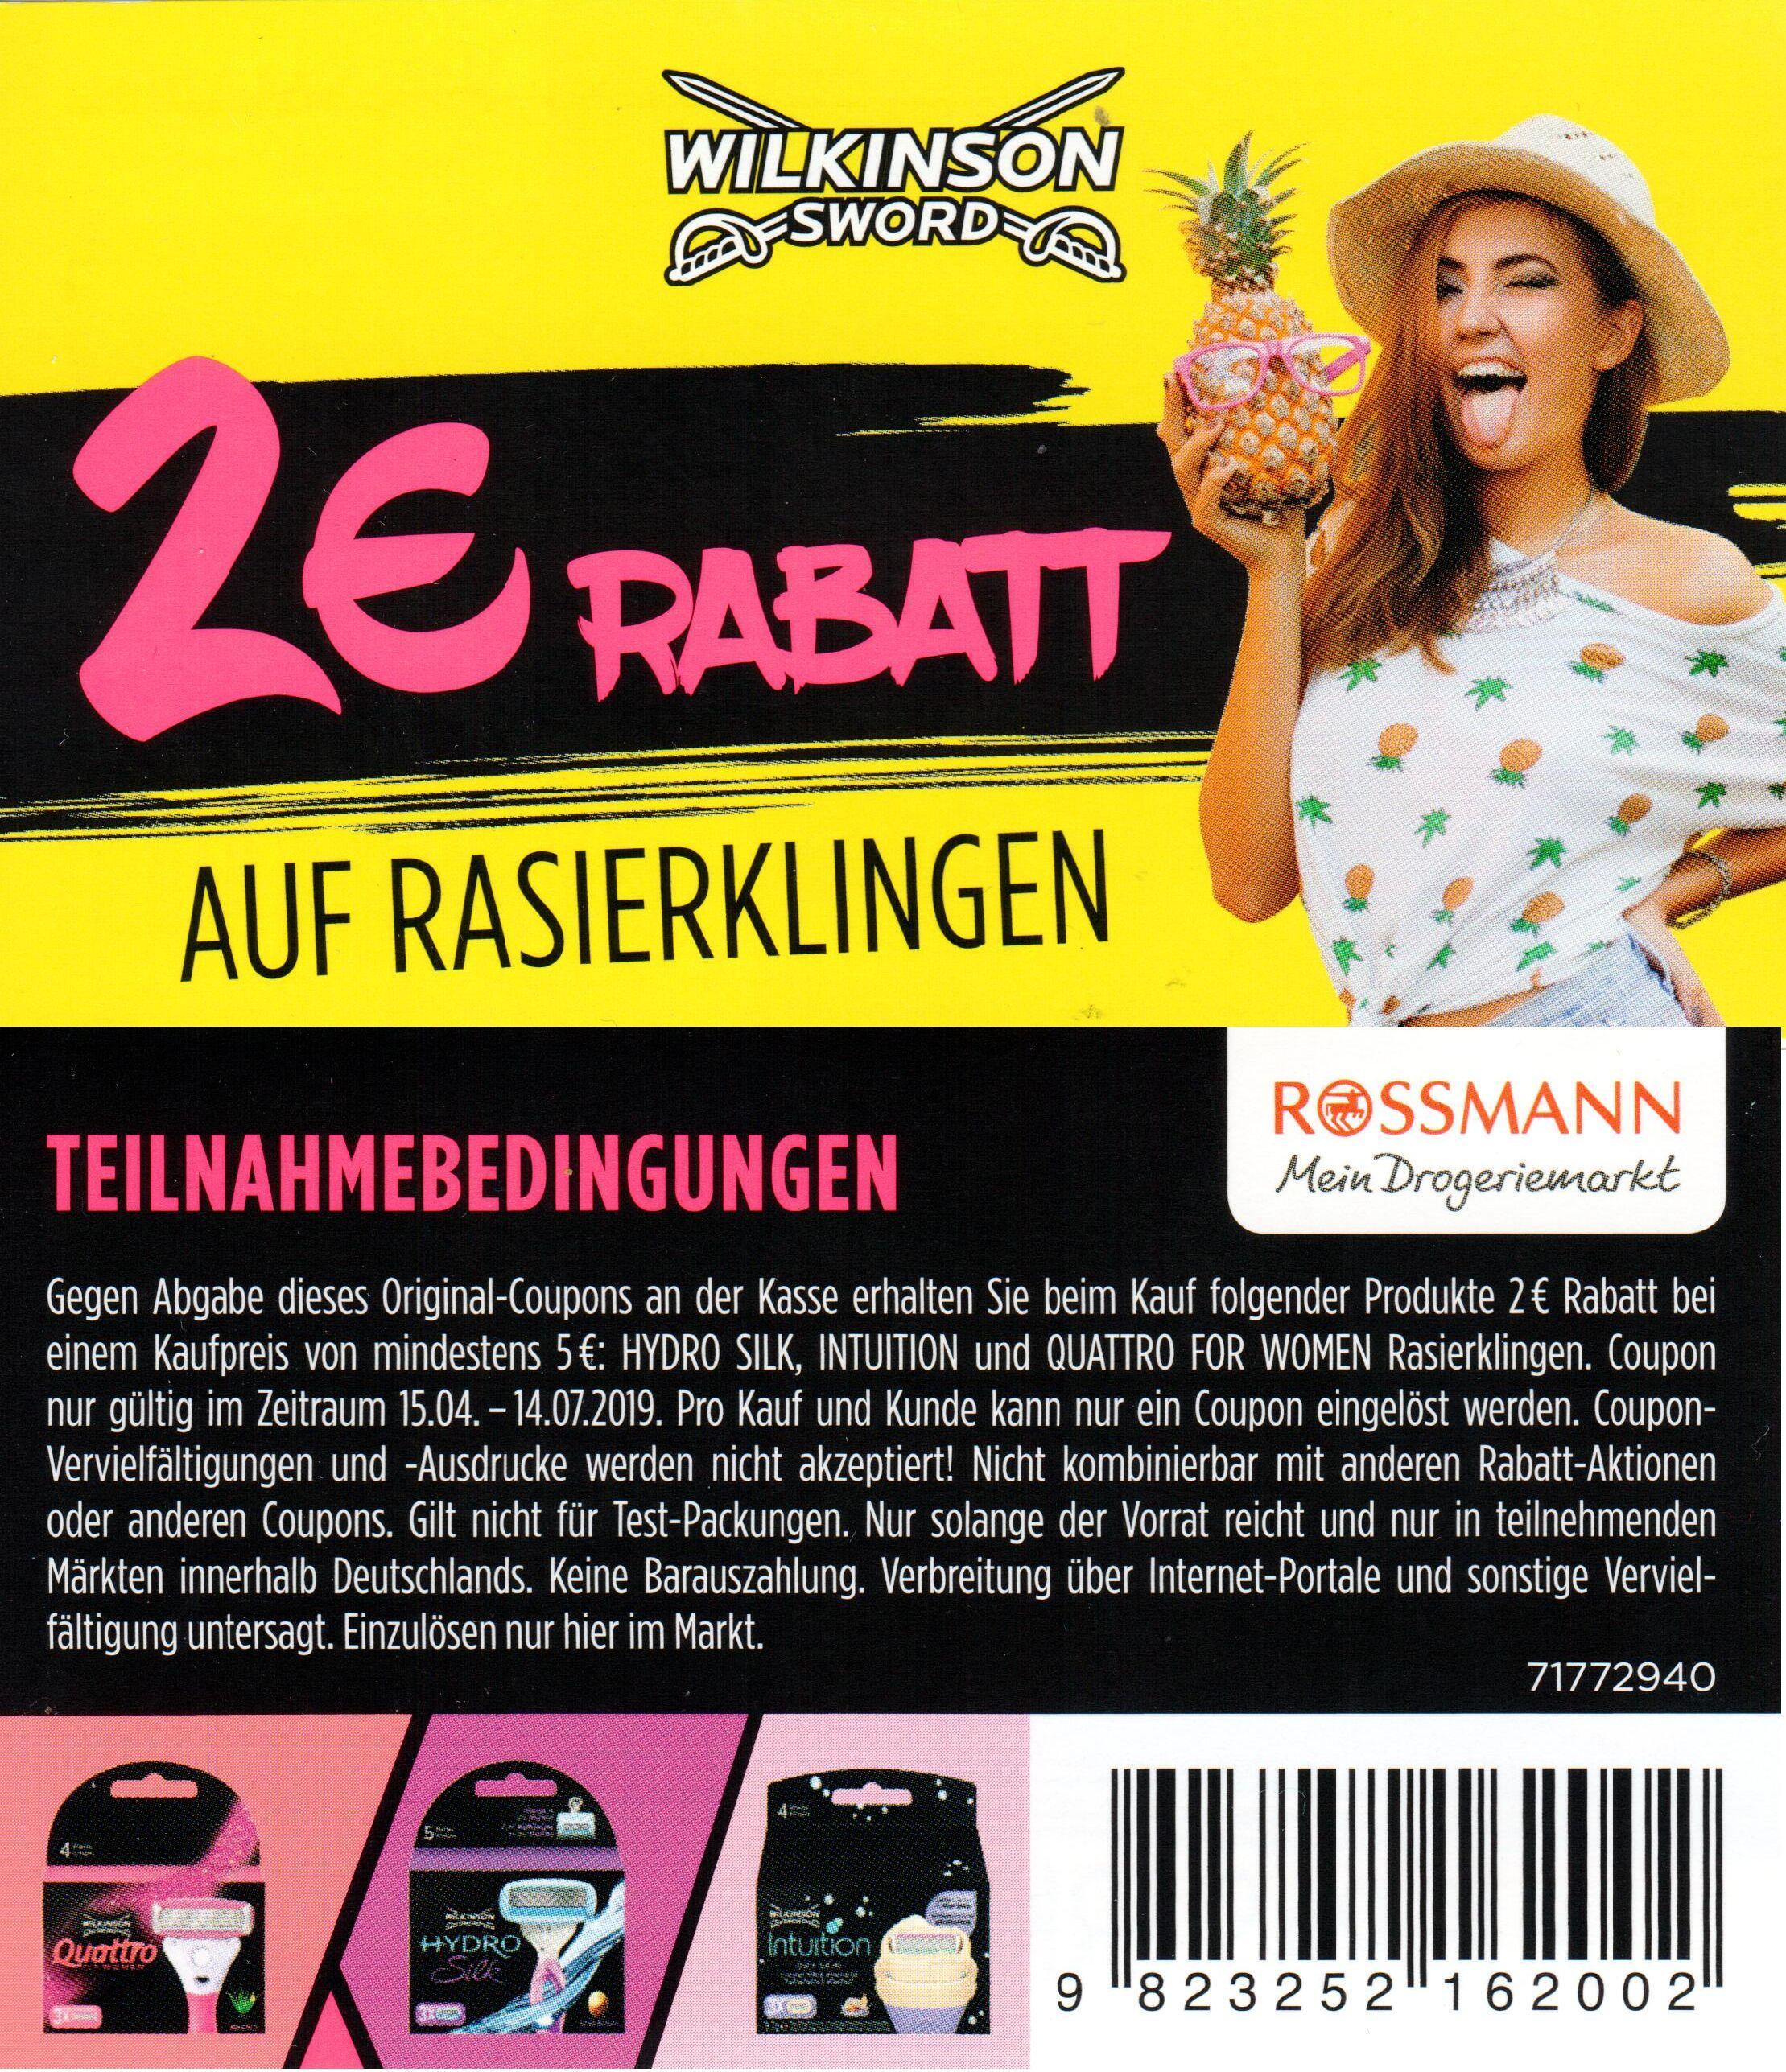 2,00€ Sofort-Rabatt Coupon für Wilkinson Rasierklingen iWv. 5,00€ bis 14.07.2019 bei Rossmann